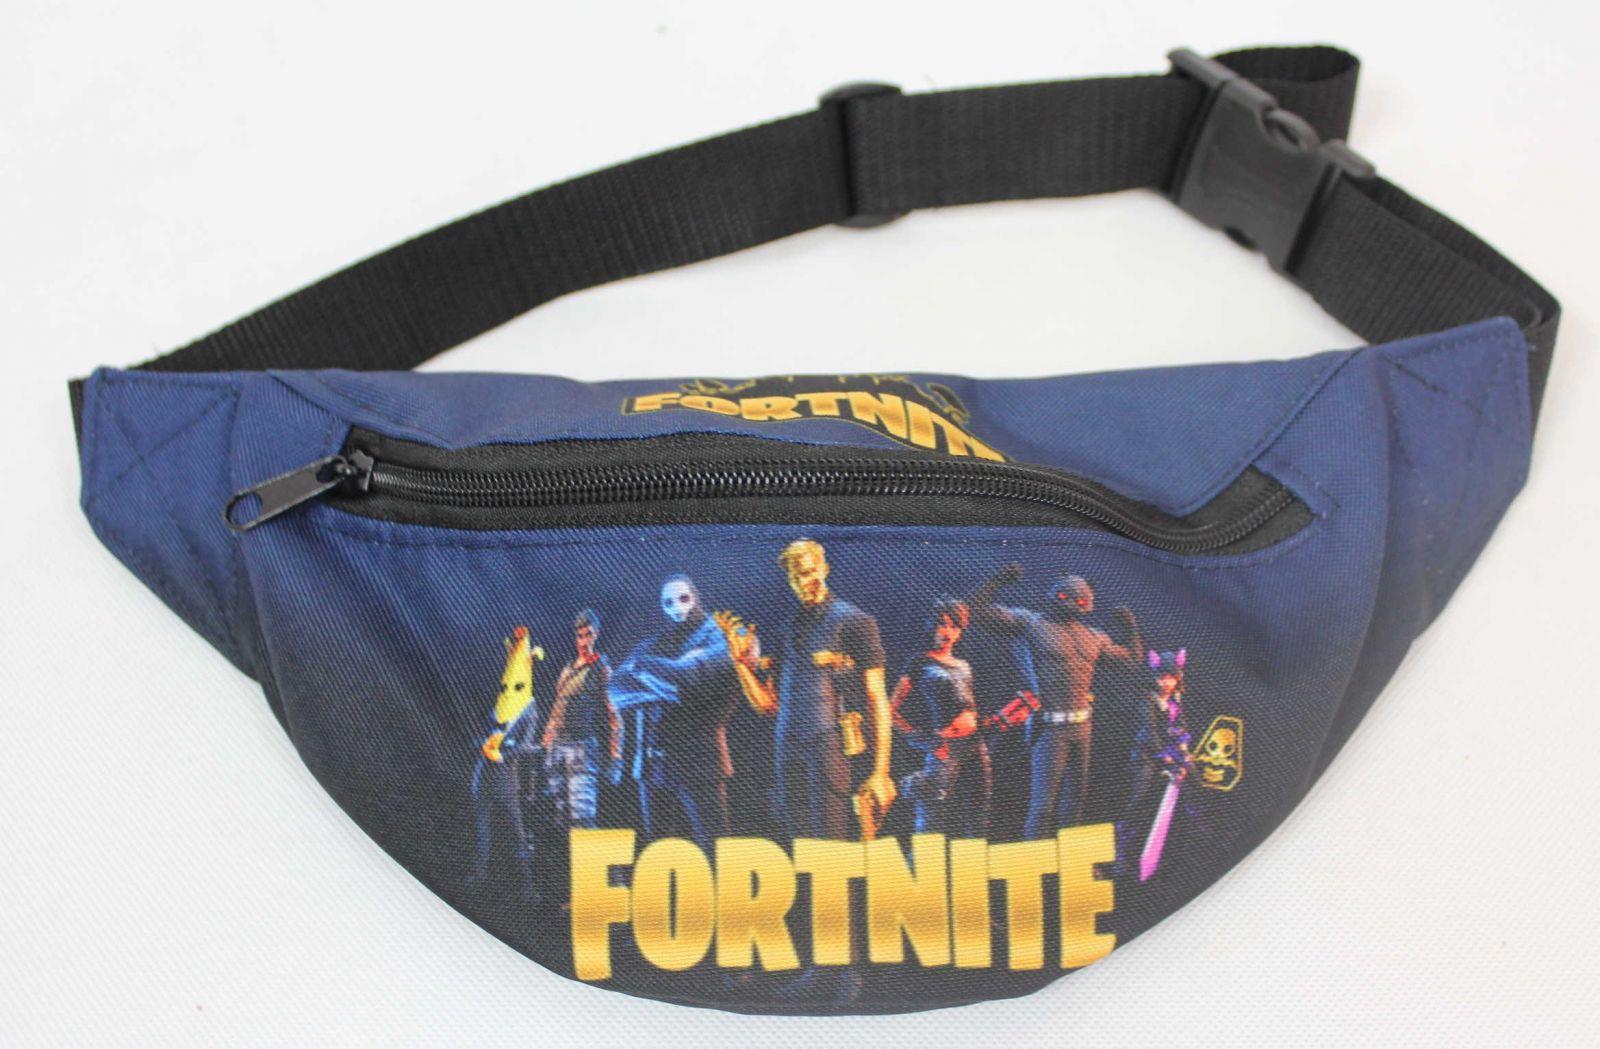 dětská ledvinka Fortnite chlapecká ledvinka Fortnite, doplňky Fortnite, oblečení Fortnite, černá ledvinka